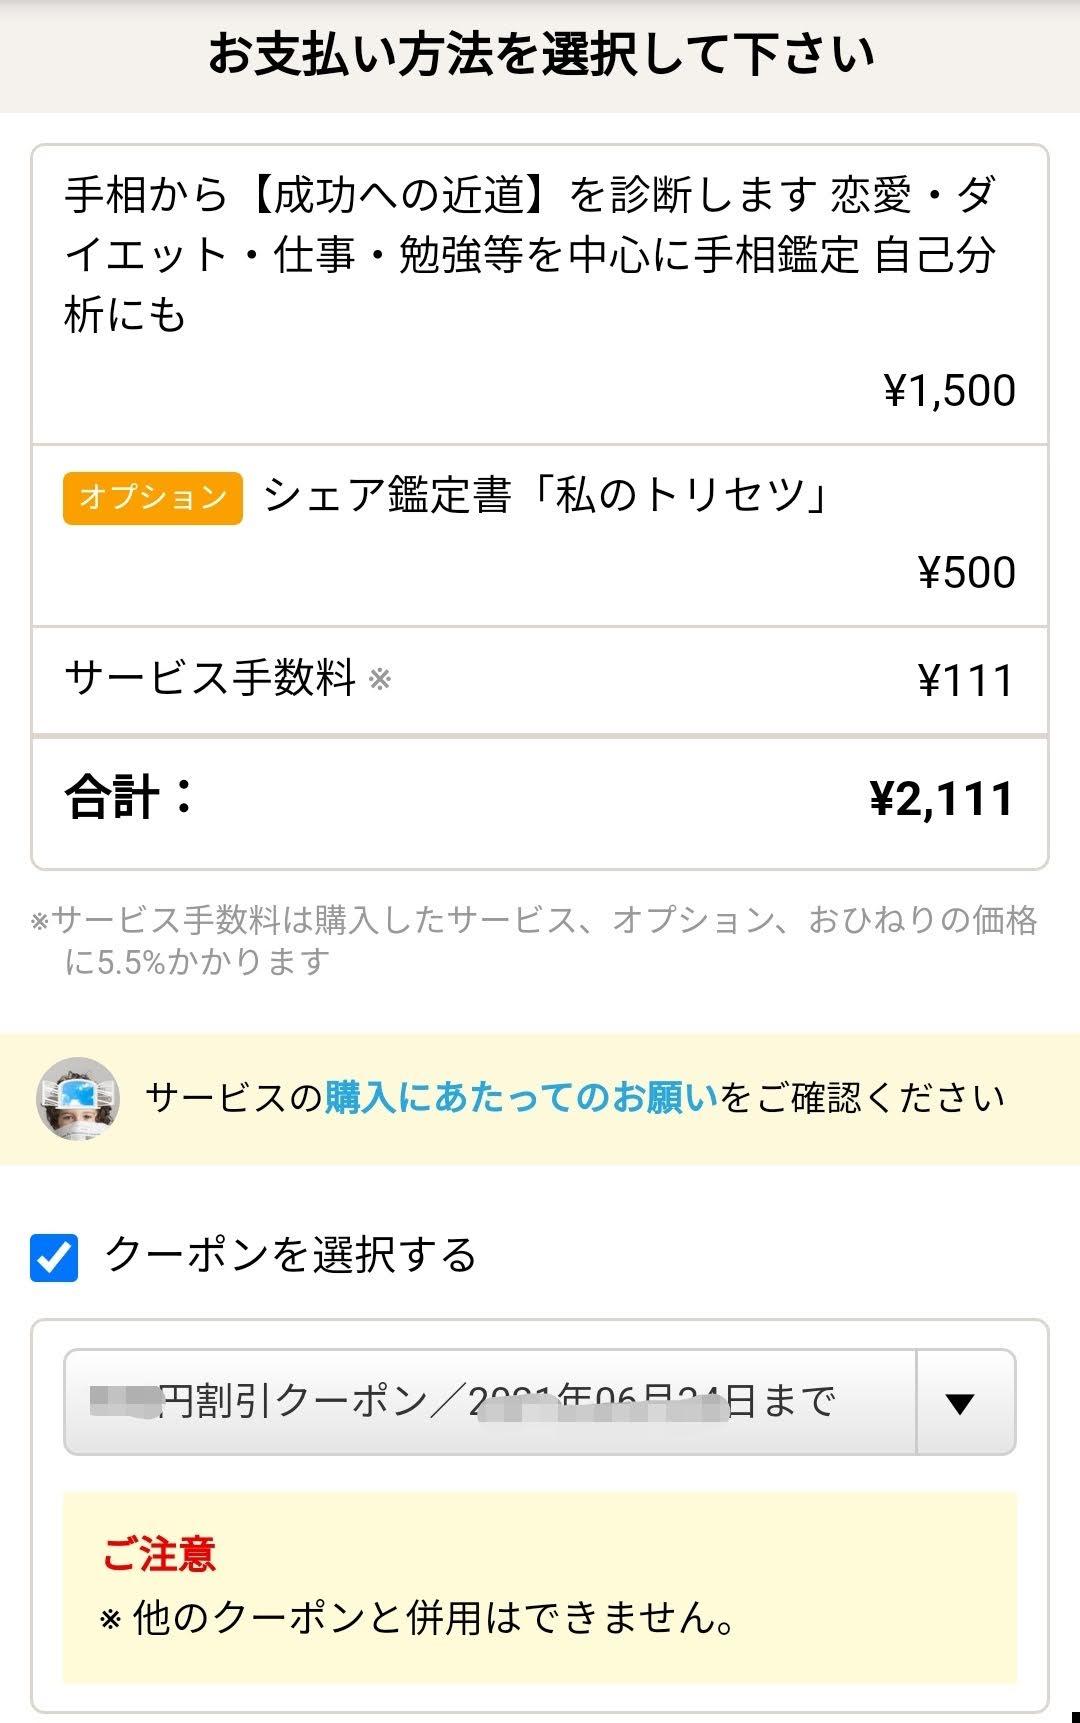 ココナラ支払い画面